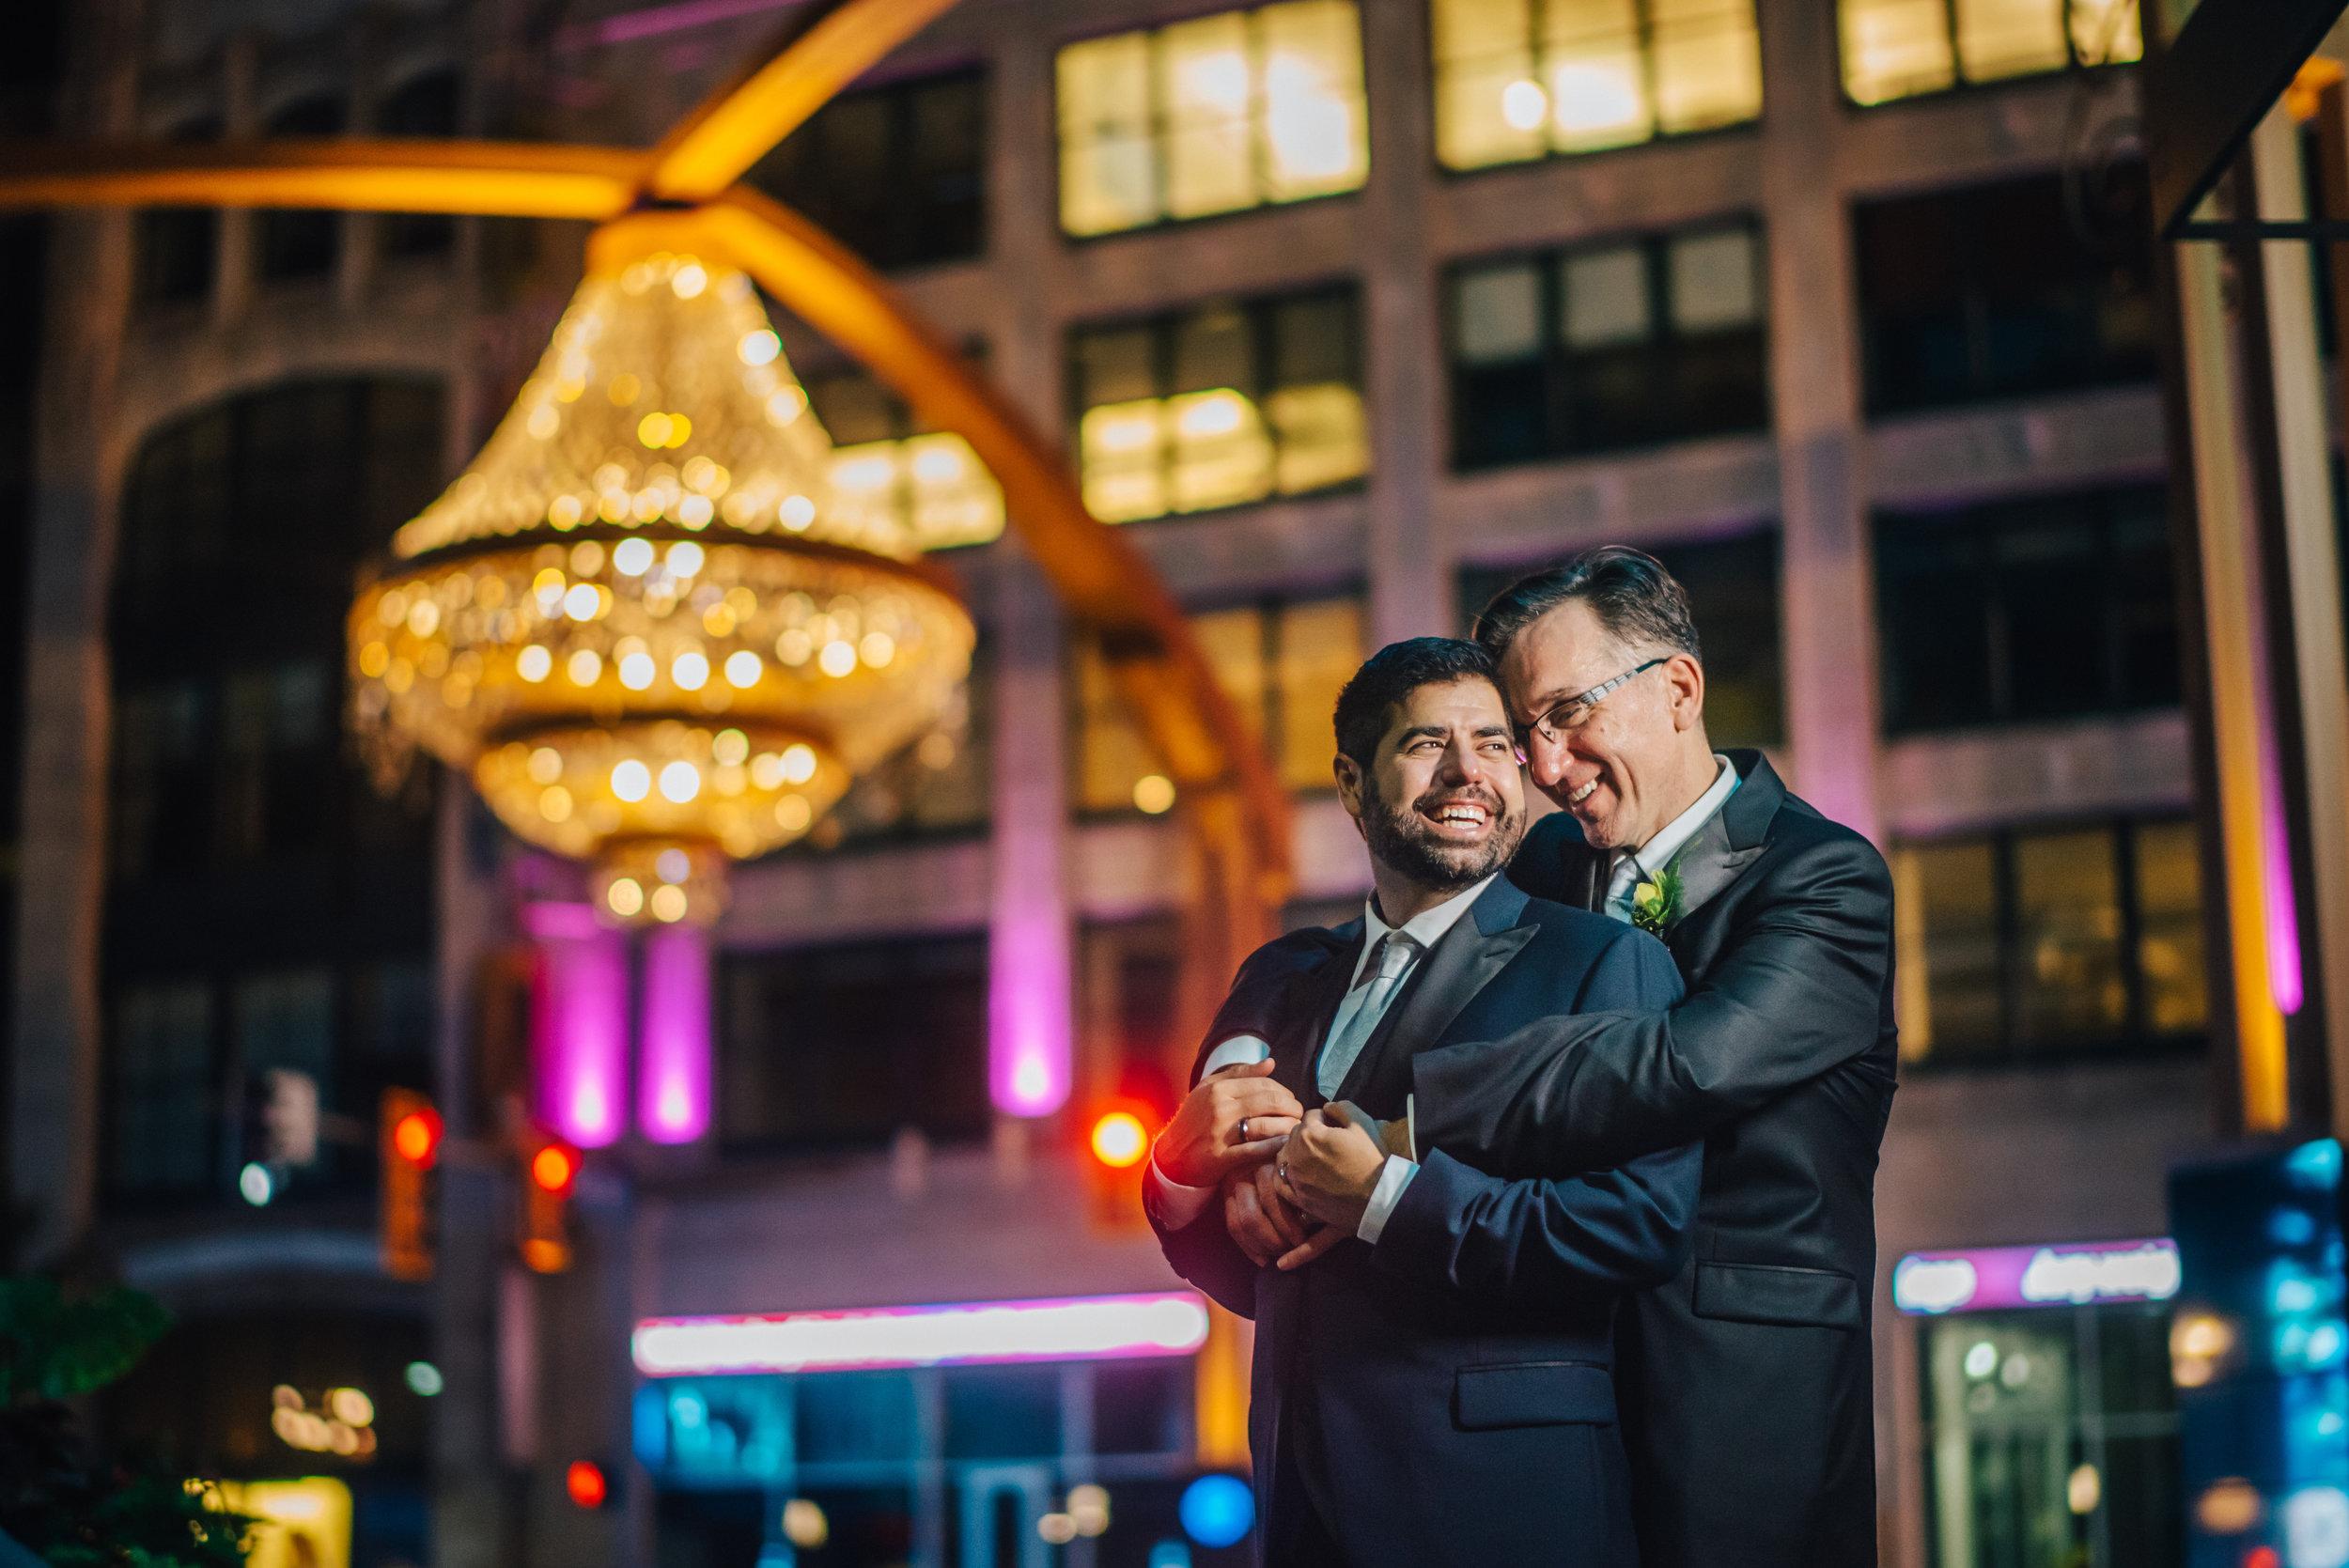 wedding-photo-cleveland-chandelier.jpg